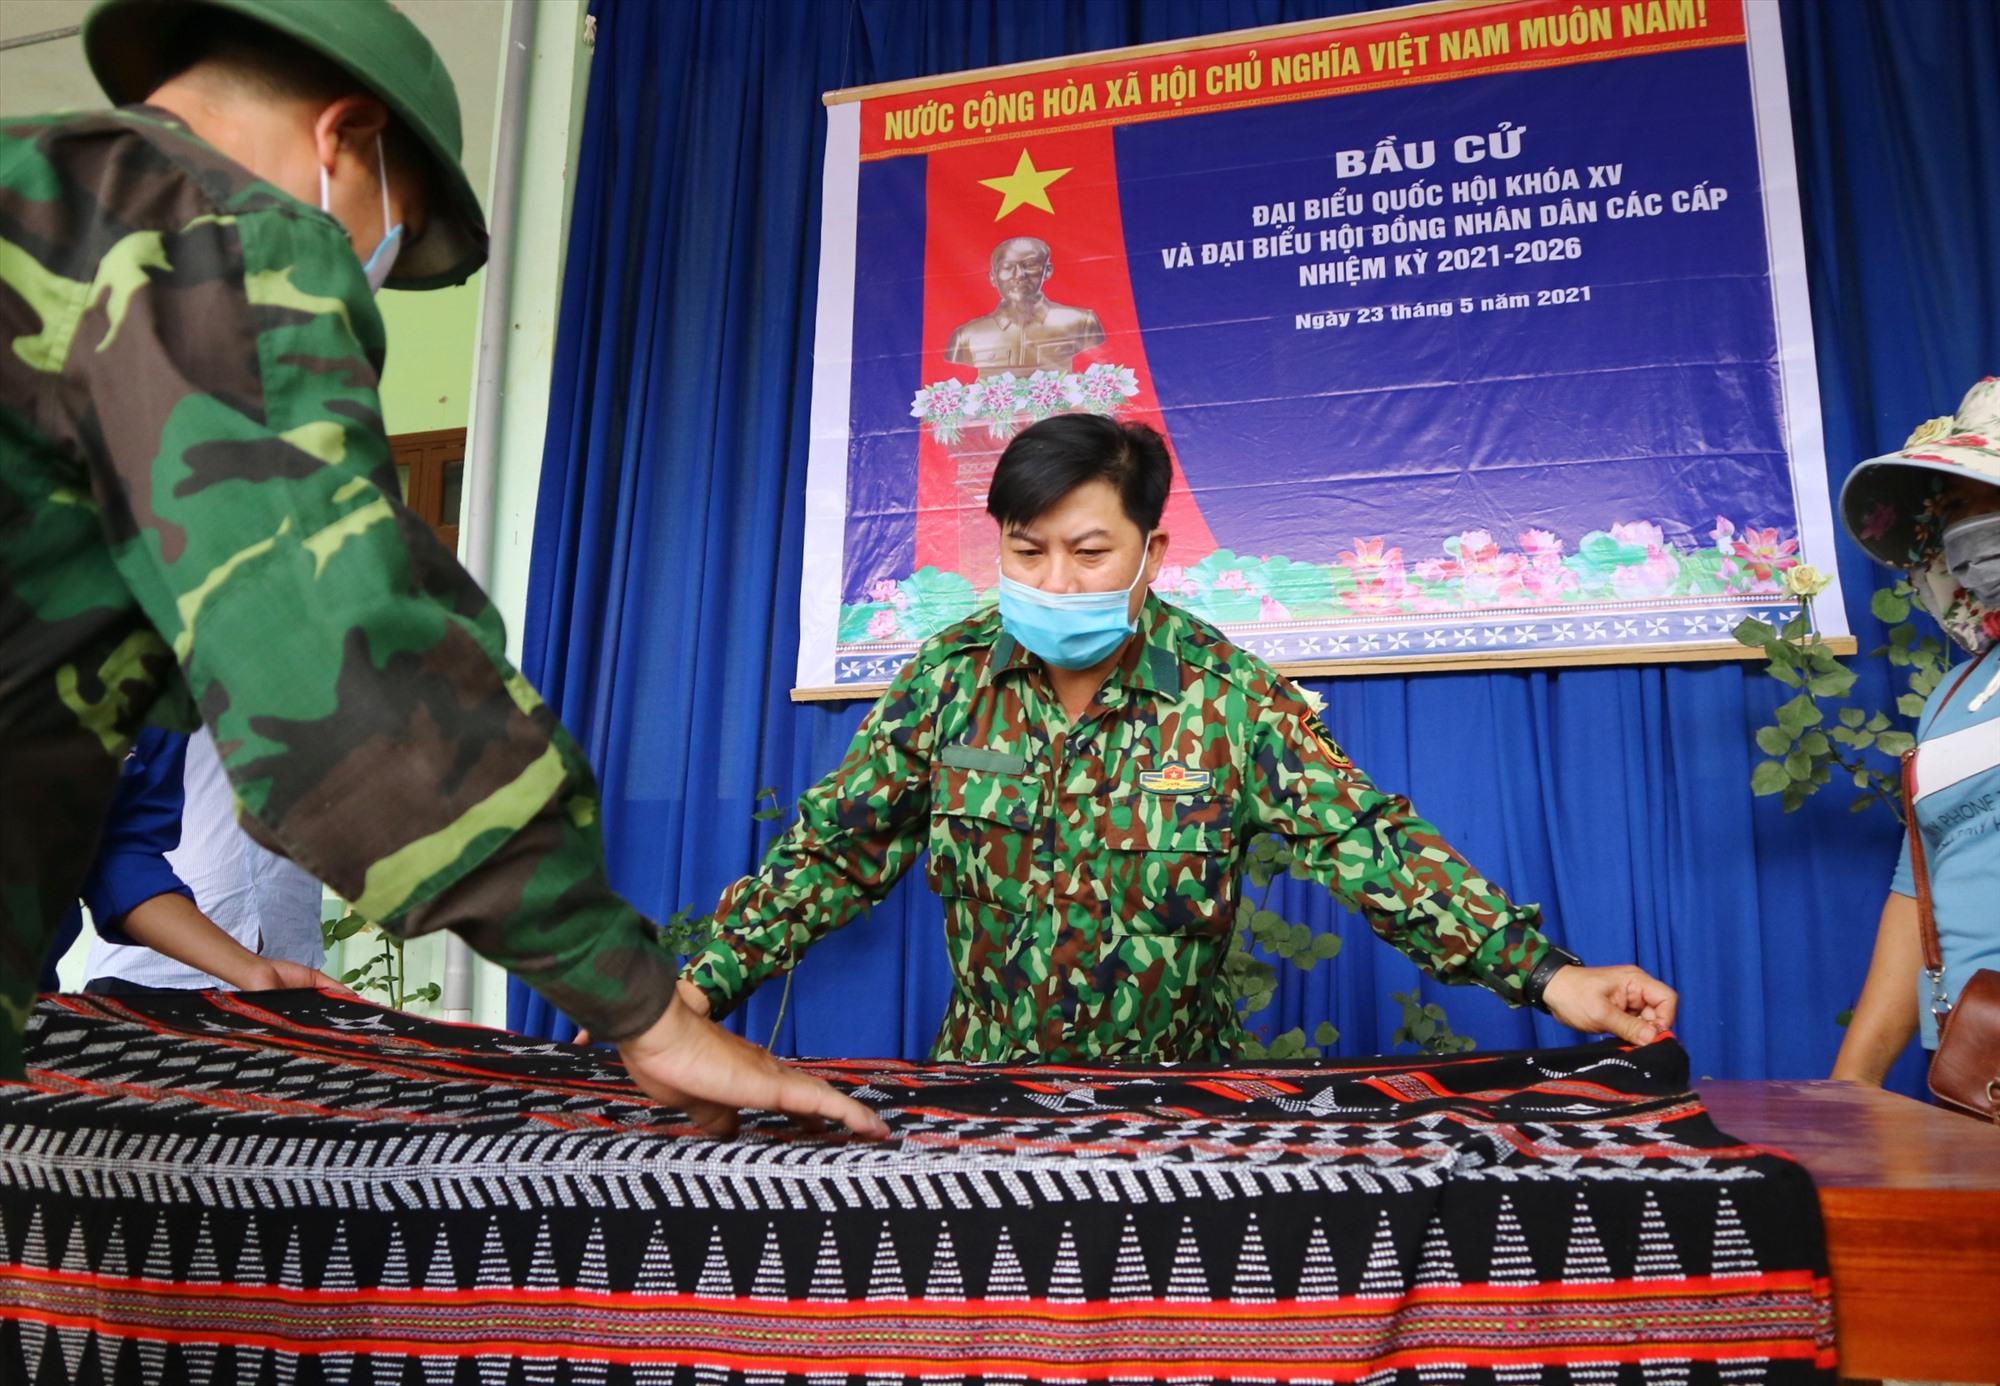 Cả chính quyền và cử tri ở huyện miền núi Tây Giang cùng góp sức cho ngày hội.